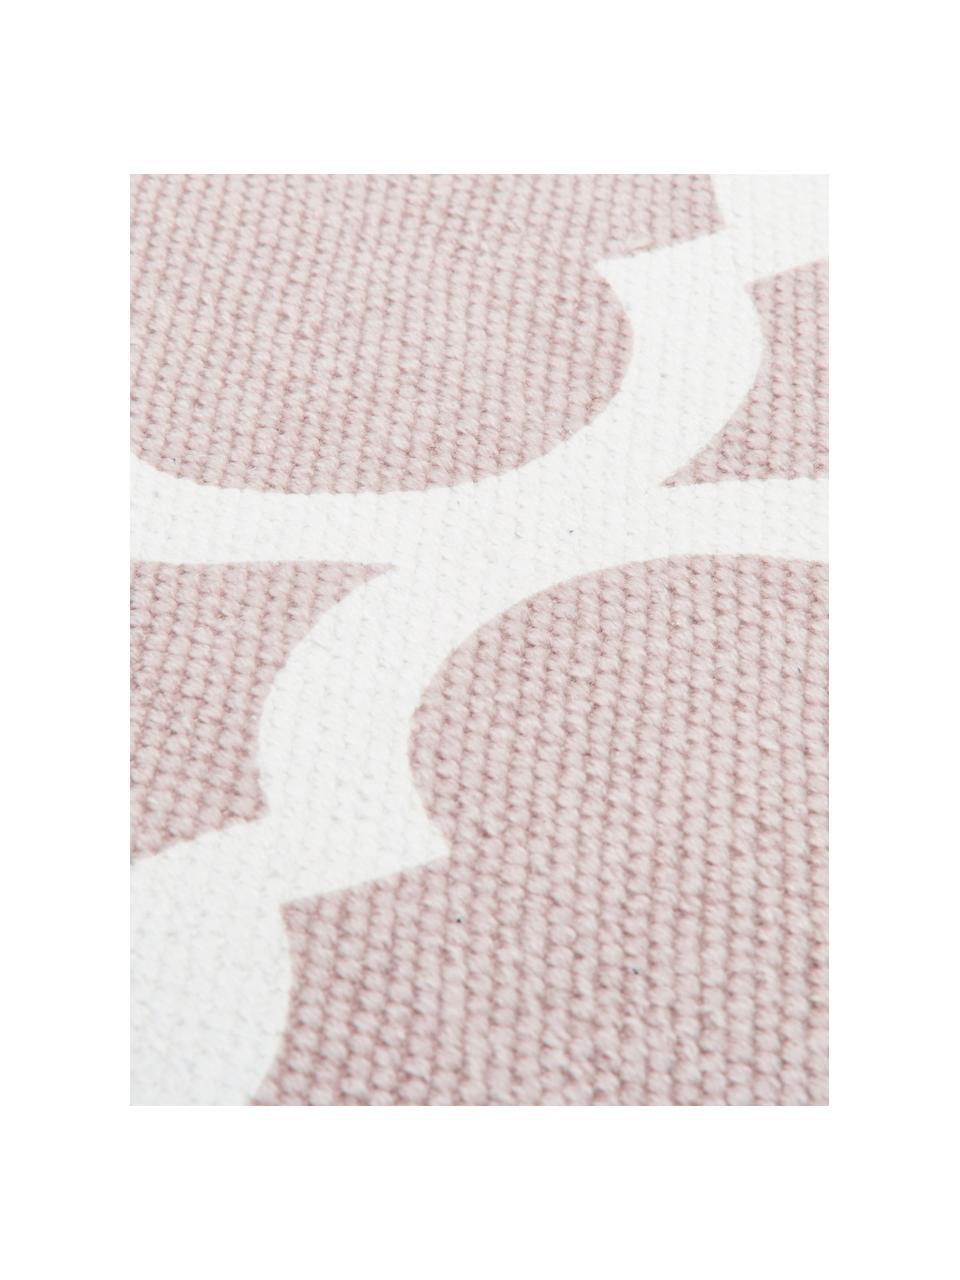 Dun  katoenen vloerkleed Amira in roze/wit, handgeweven, 100% katoen, Roze, crèmewit, B 200 x L 300 cm (maat L)